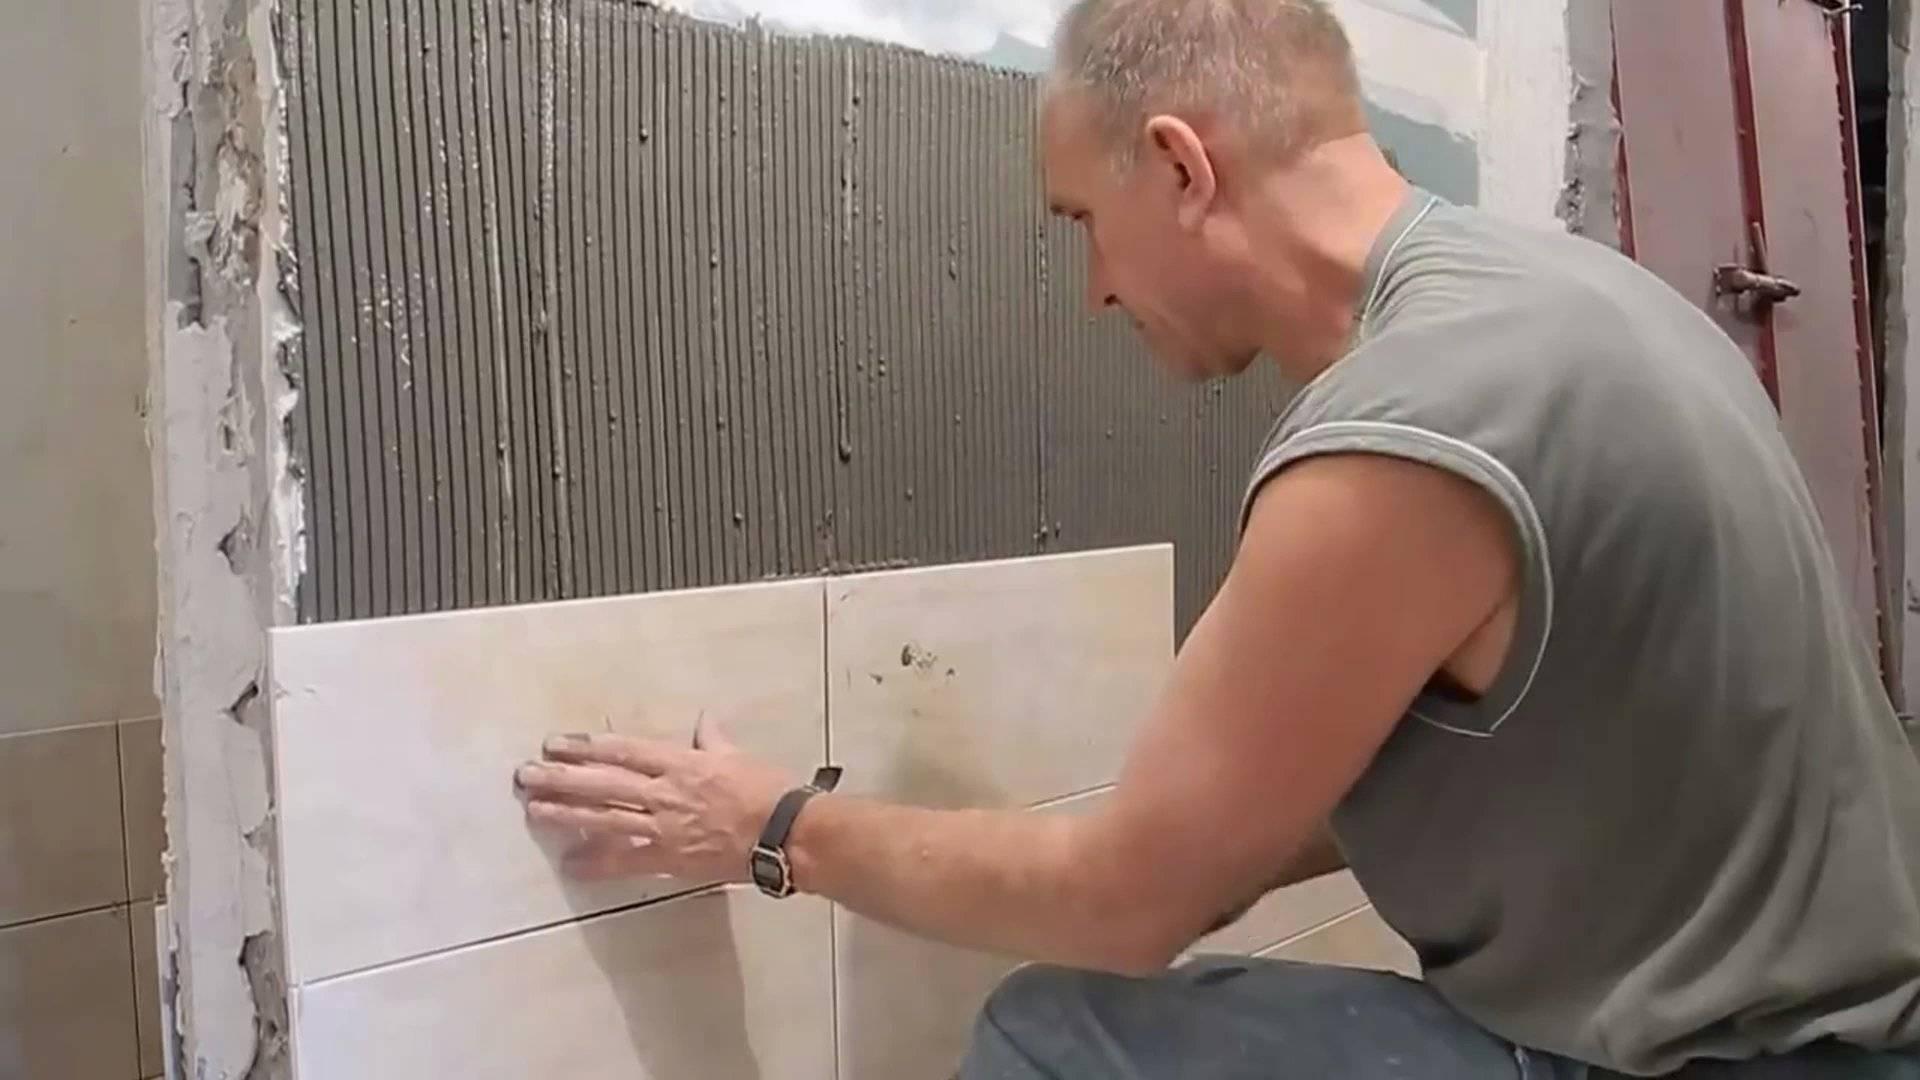 Укладка керамической плитки: технология, материалы, инструменты, способы   строительный блог вити петрова